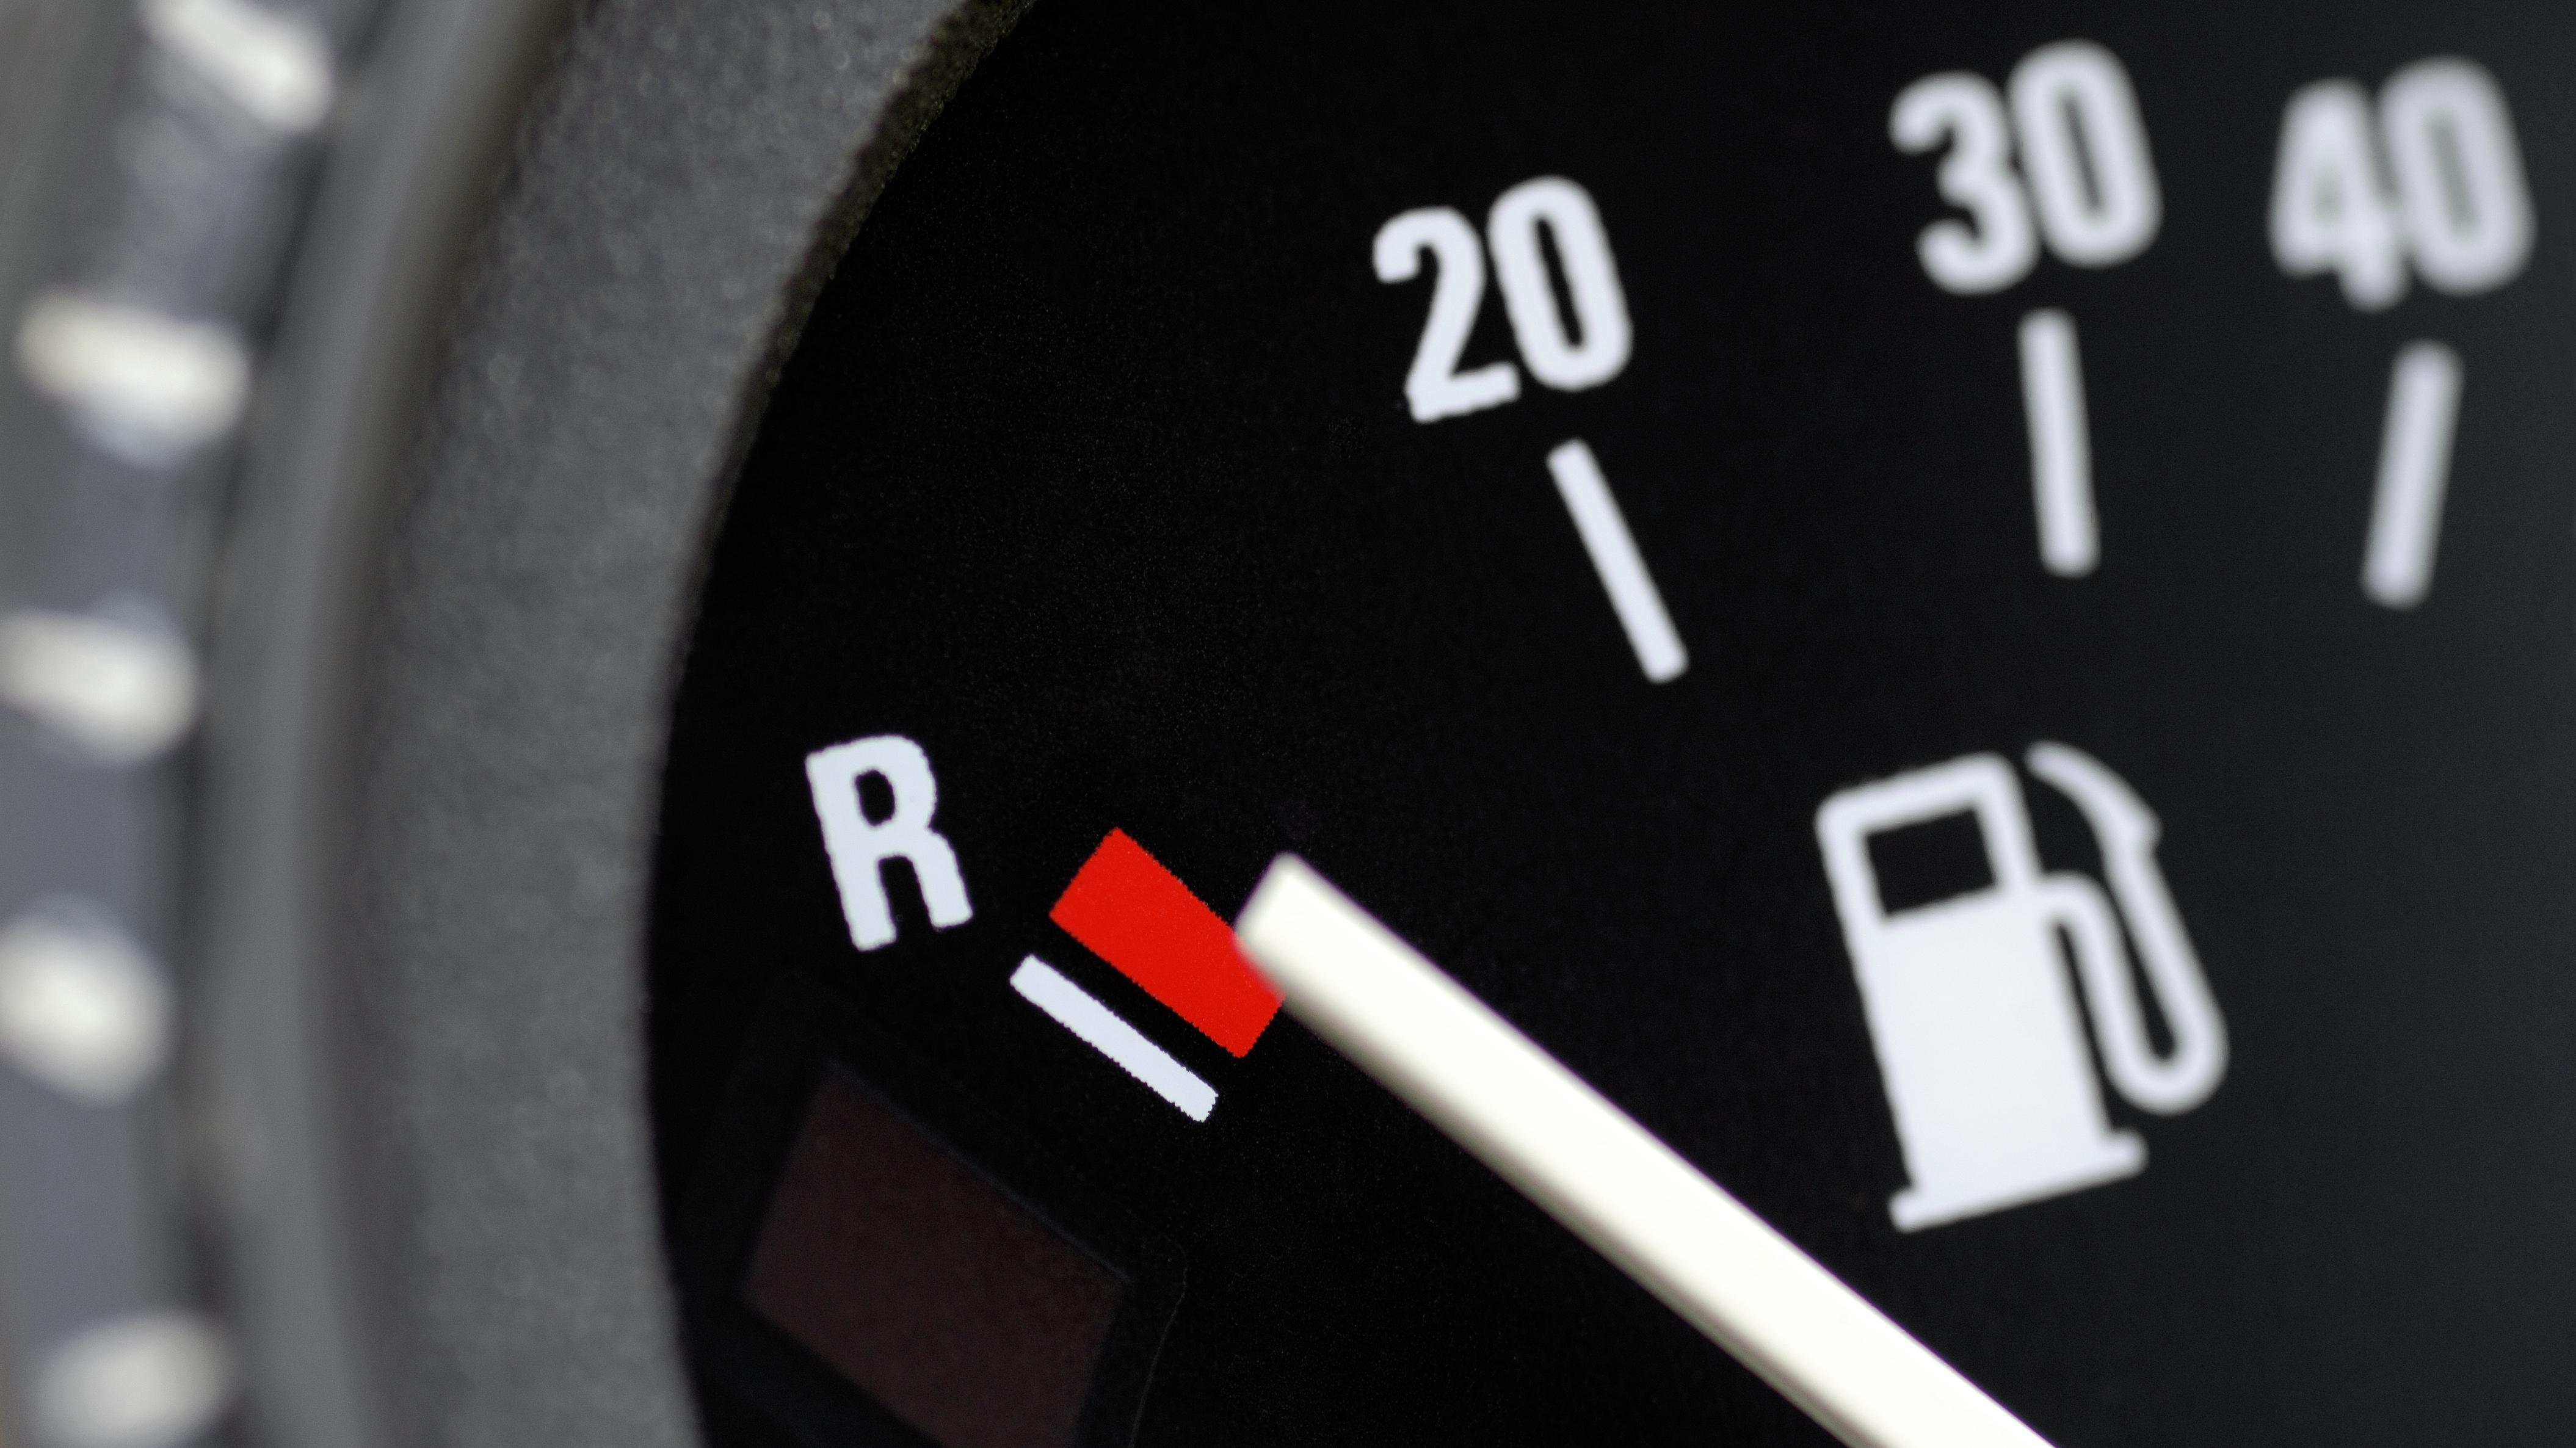 Tankanzeige in einem Auto